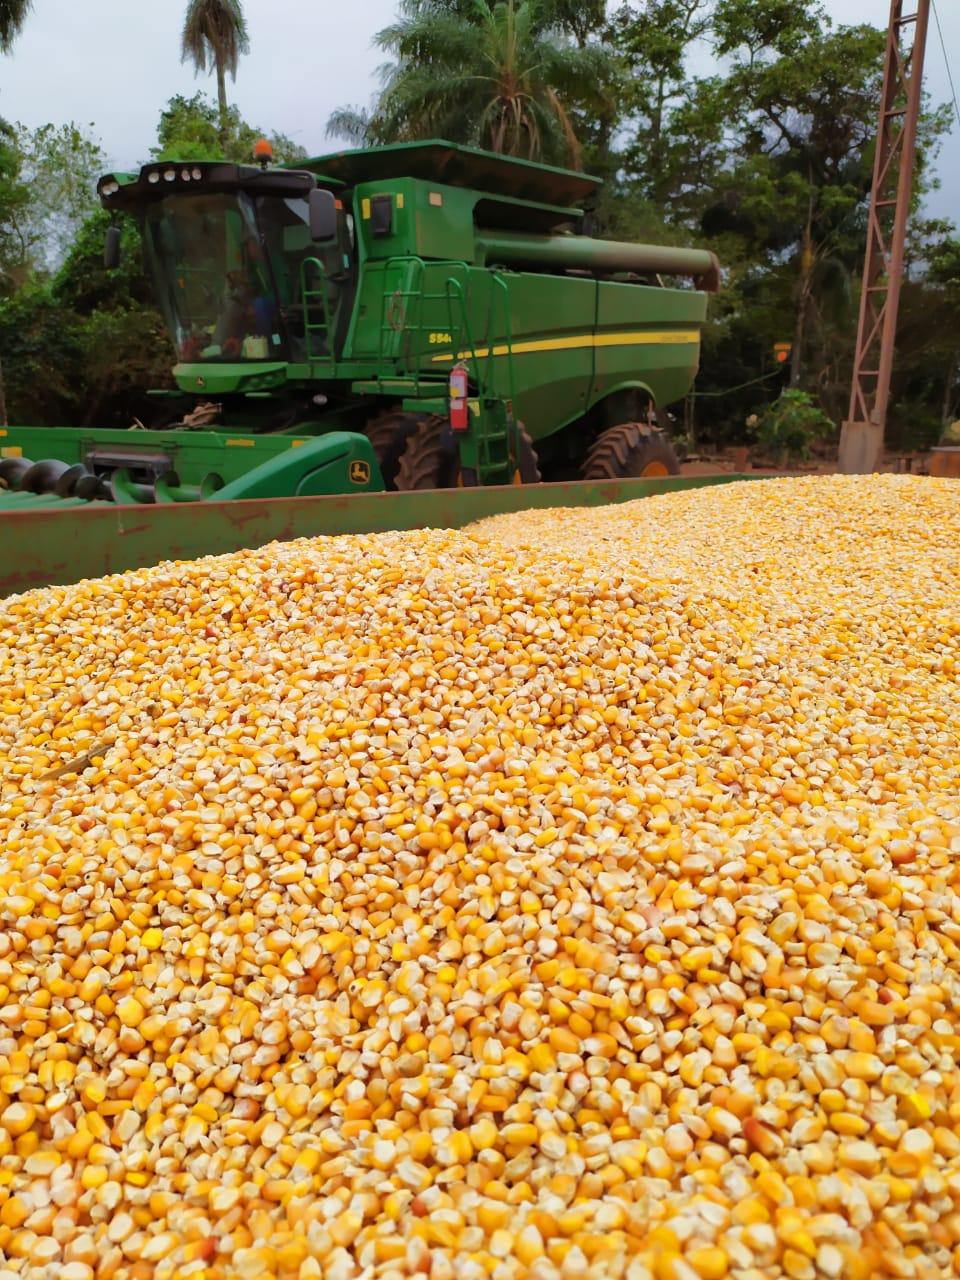 Finalizando a colheita do Milho Safrinha 2019 em Bonito (MS). Envido do Eng. Agrônomo Rafael Henrique.